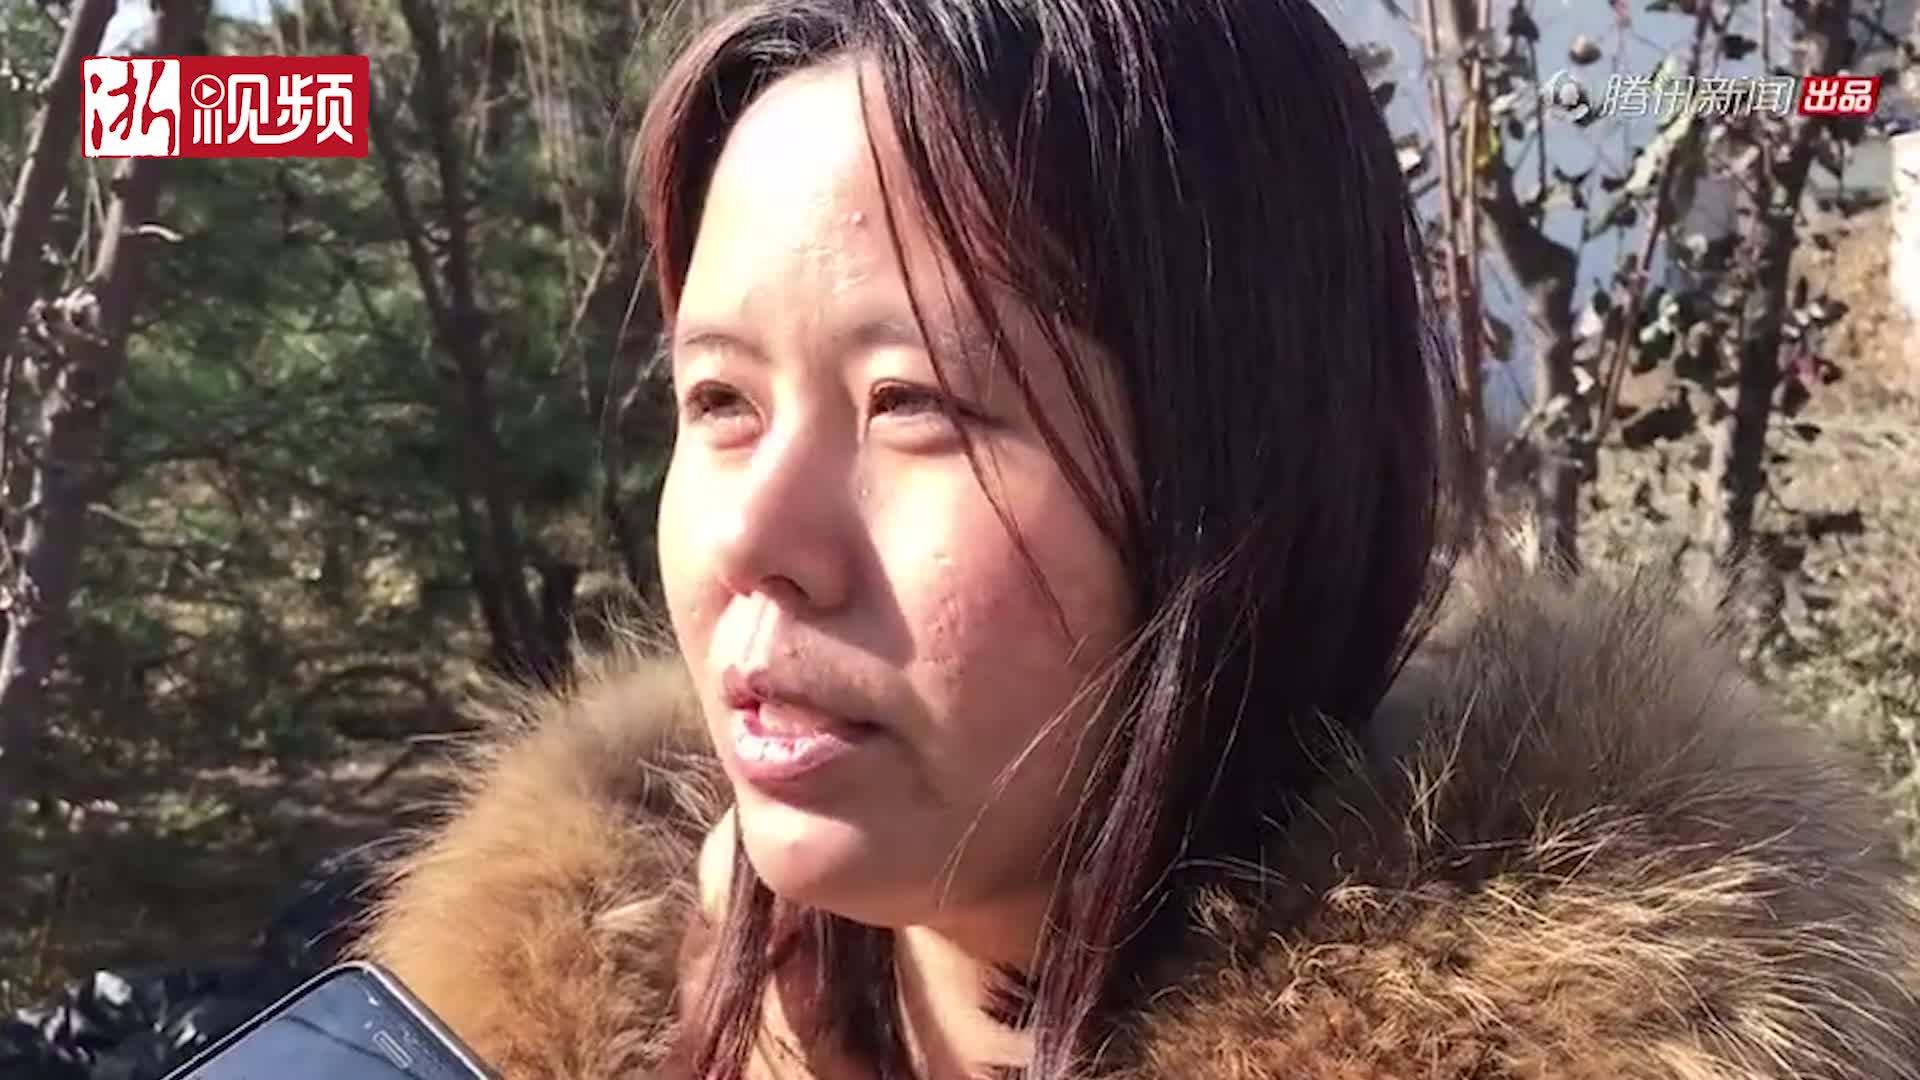 家长讲述北京红黄蓝幼儿园老师针头注射、猥亵孩子细节